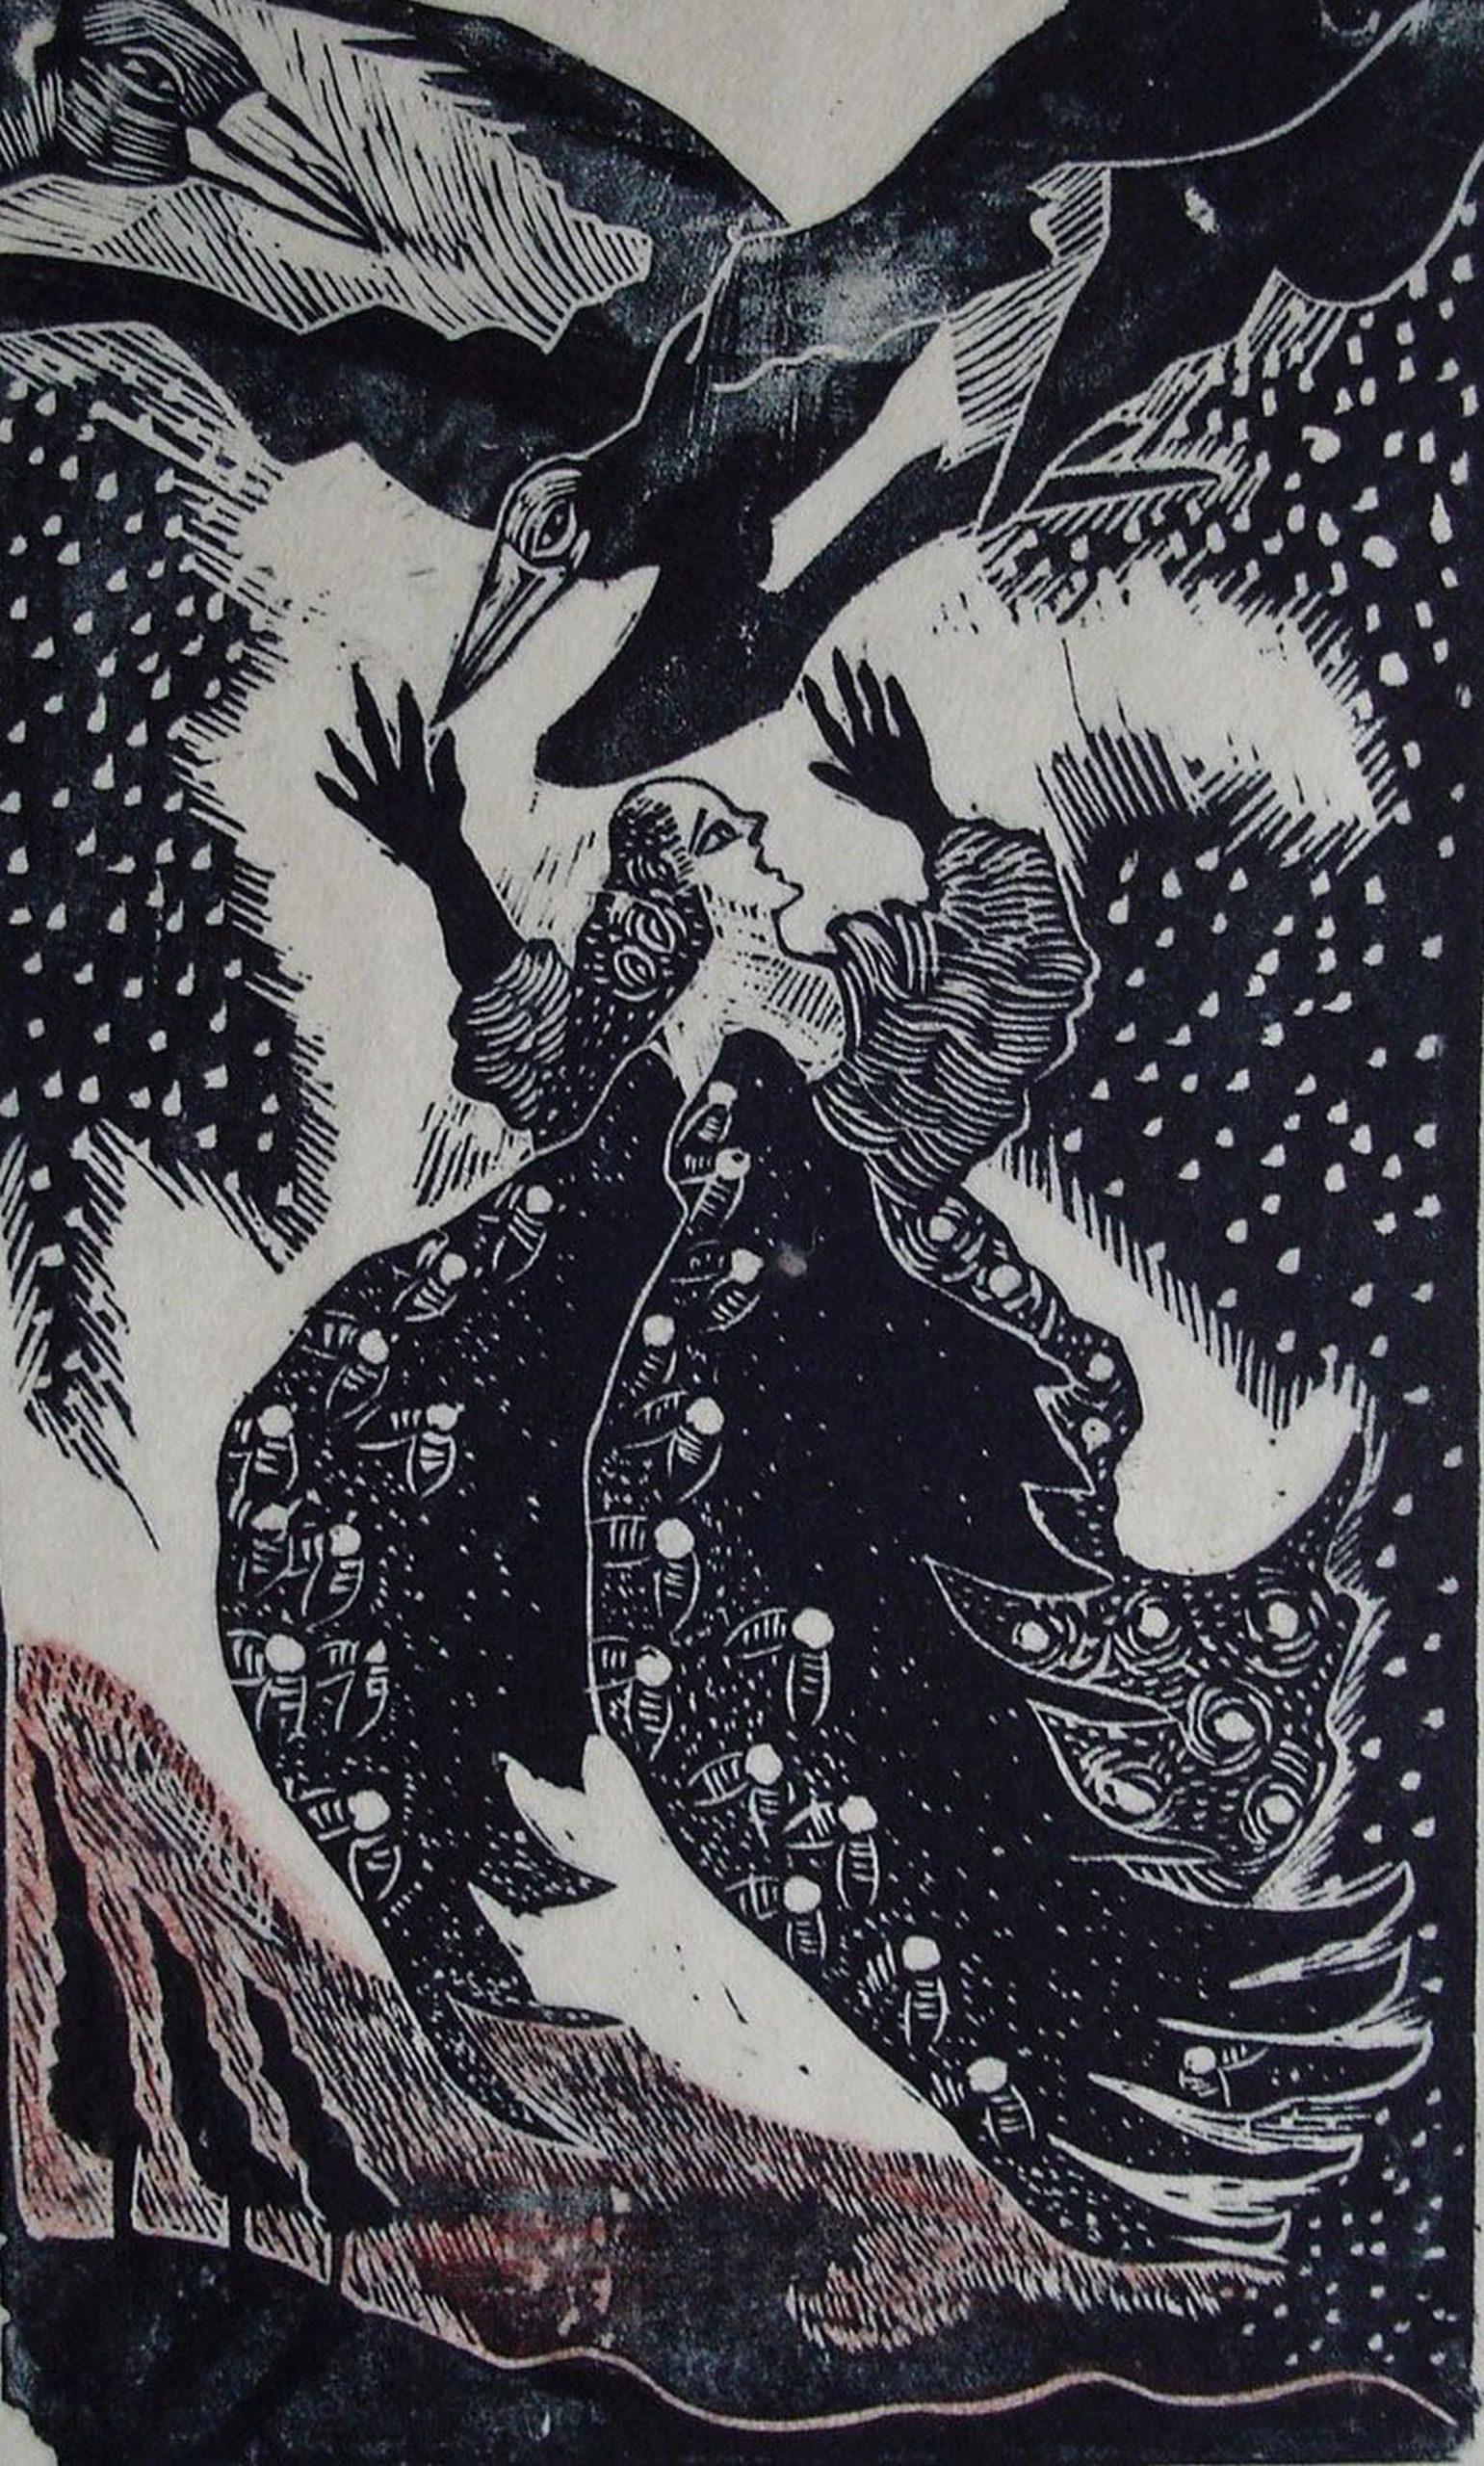 Auguste Kronheim-or Misconception